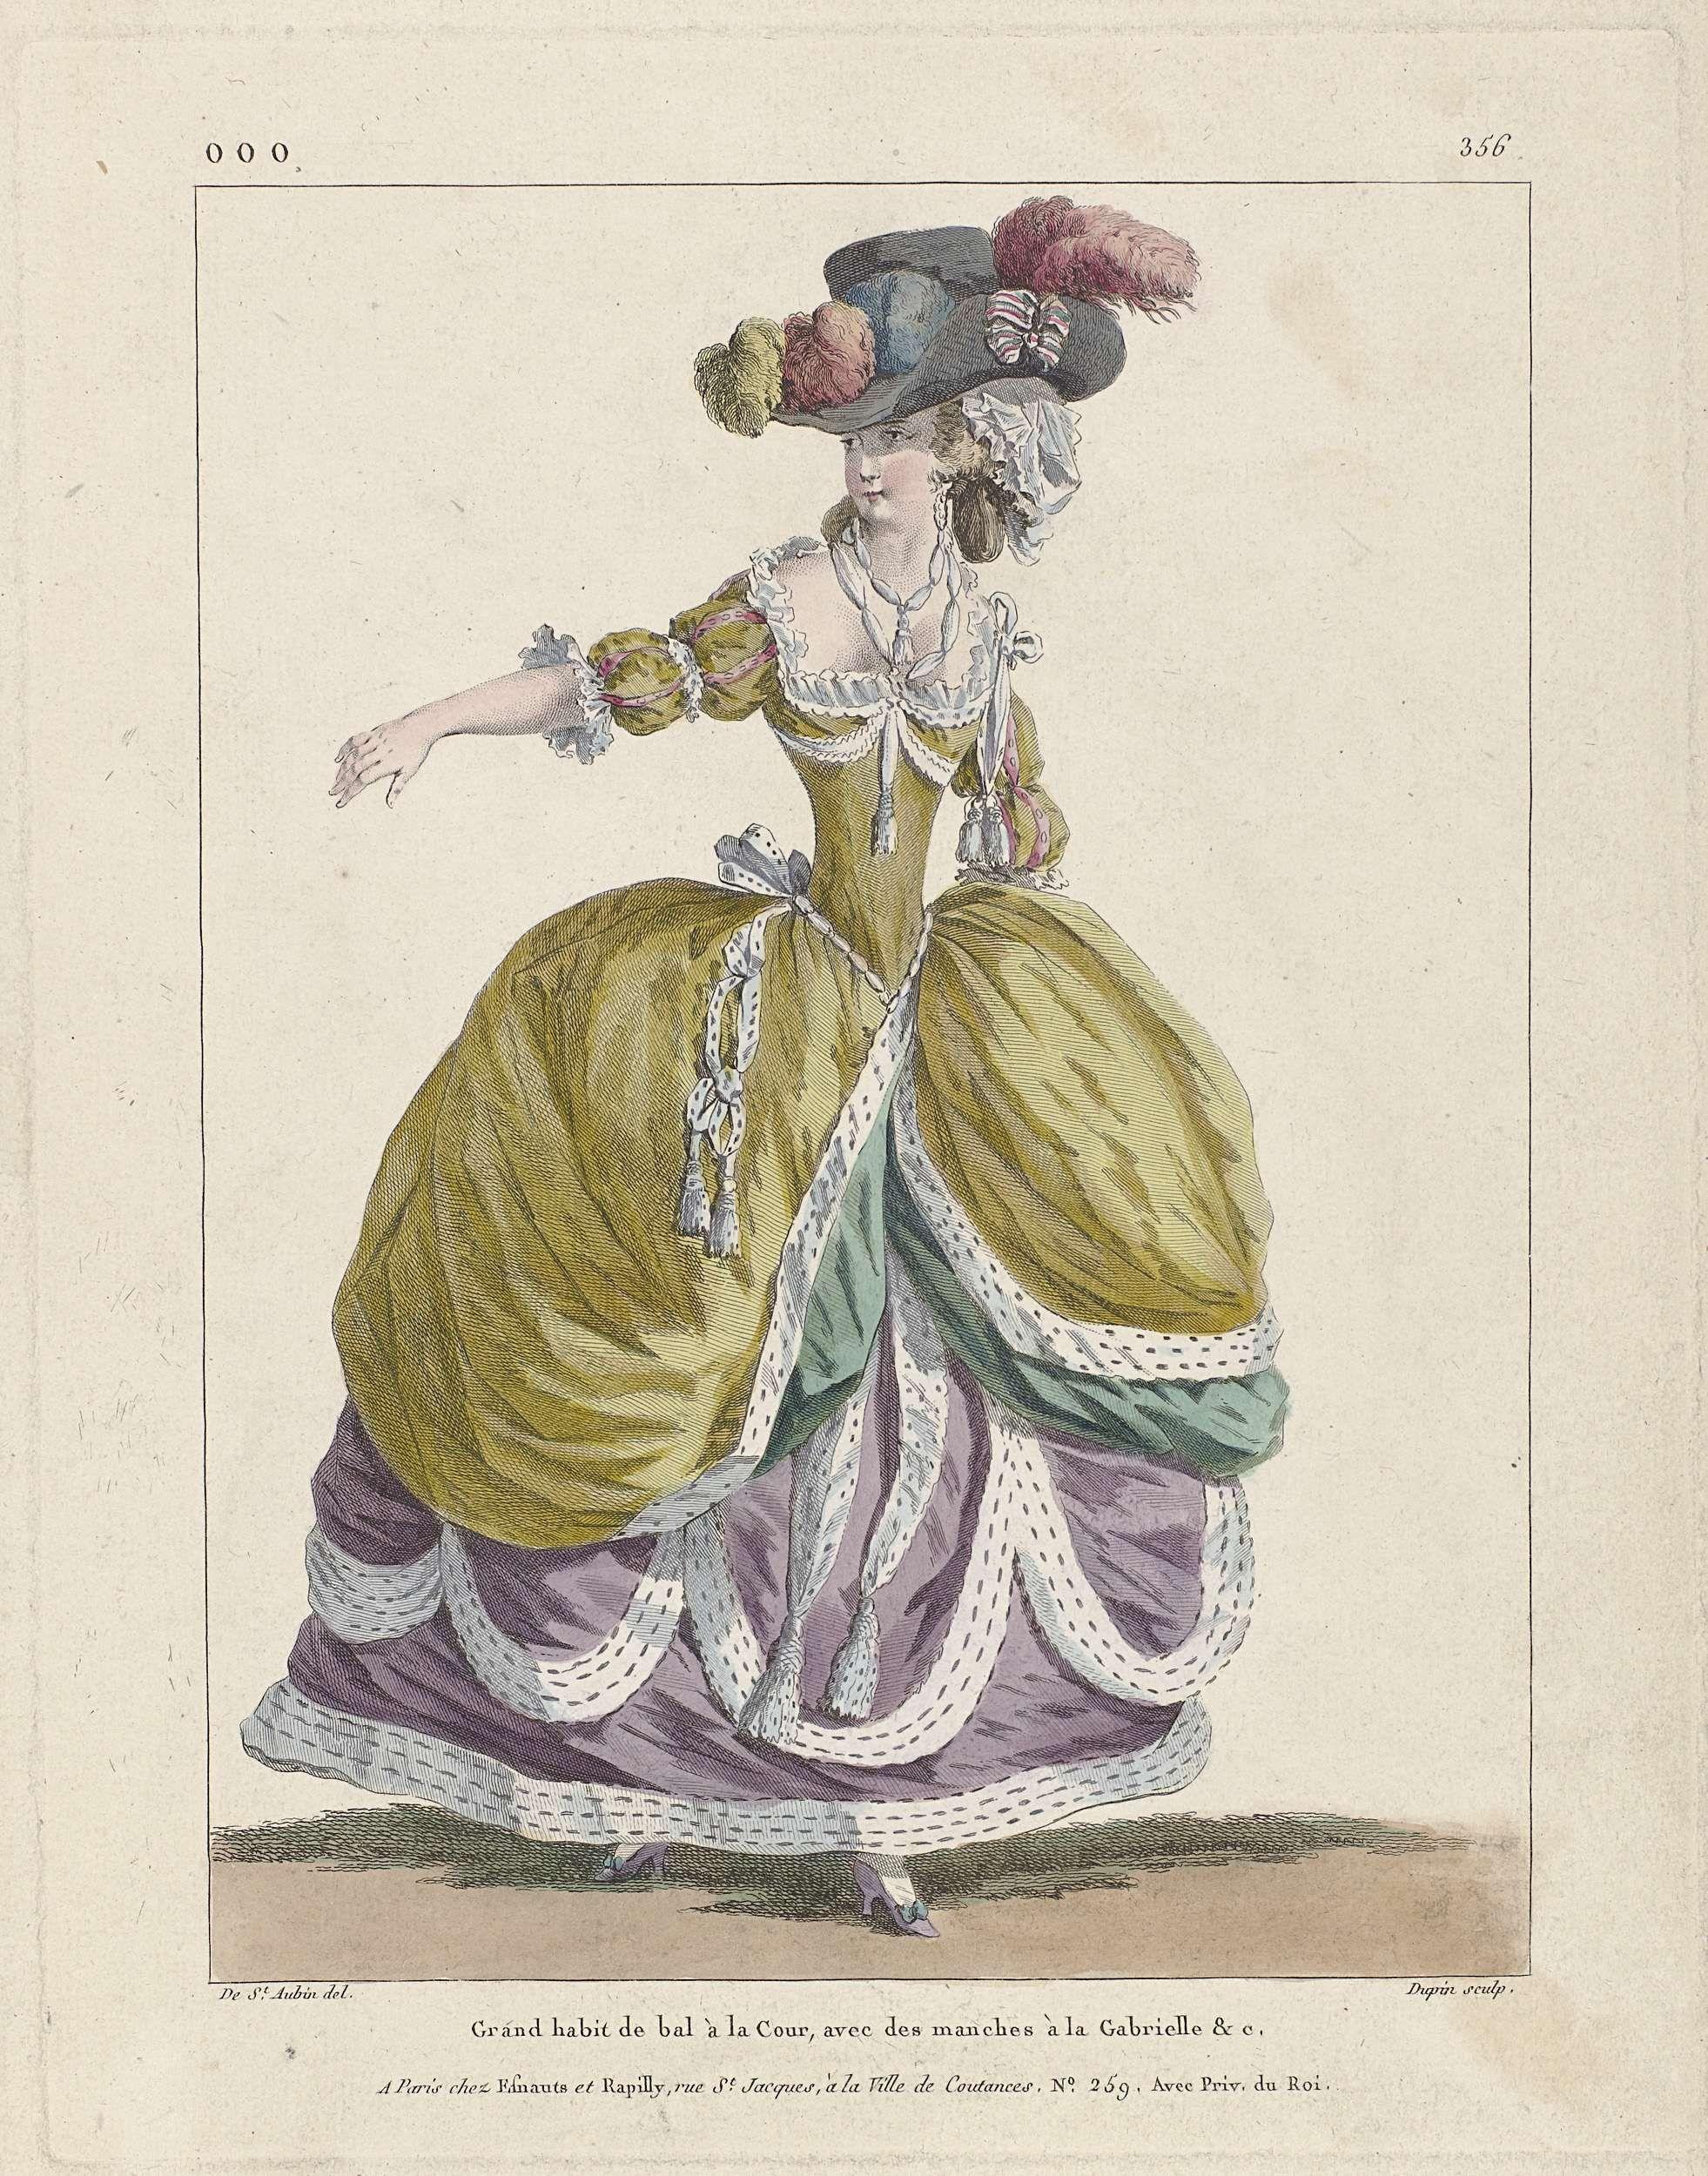 Nicolas Dupin   Marie Antoinette: The Queen of Fashion: Gallerie des Modes et Costumes Français, Nicolas Dupin, Esnauts & Rapilly, 1787   Vrouw in een baljapon voor aan het hof, met mouwen 'à la Gabrielle'. Hoed met struisveren; opstaande rand aan de zijkant, versierd met gestreepte strik in rood-wit-blauw. Hieronder een muts (?). Verdere accessoires:   twee linten om de hals, schoenen met hak en strik. Uit serie ooo. 1er Cahier de grandes robes d'étiquette de la cour de France faisaint…